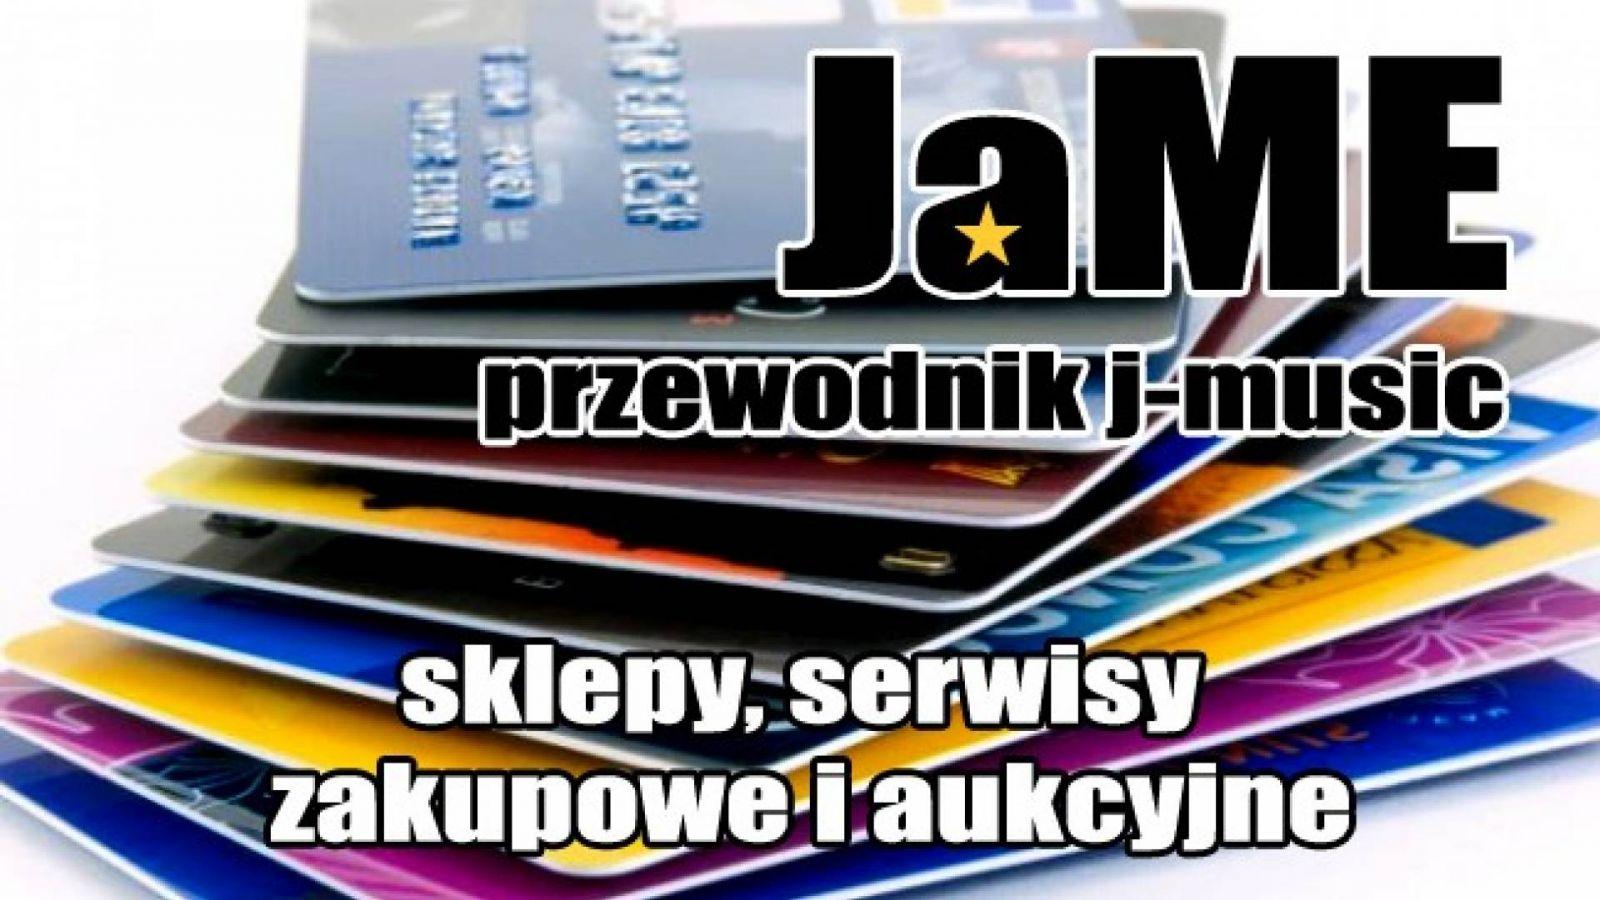 Przewodnik j-music: sklepy, serwisy zakupowe i aukcyjne © JaME